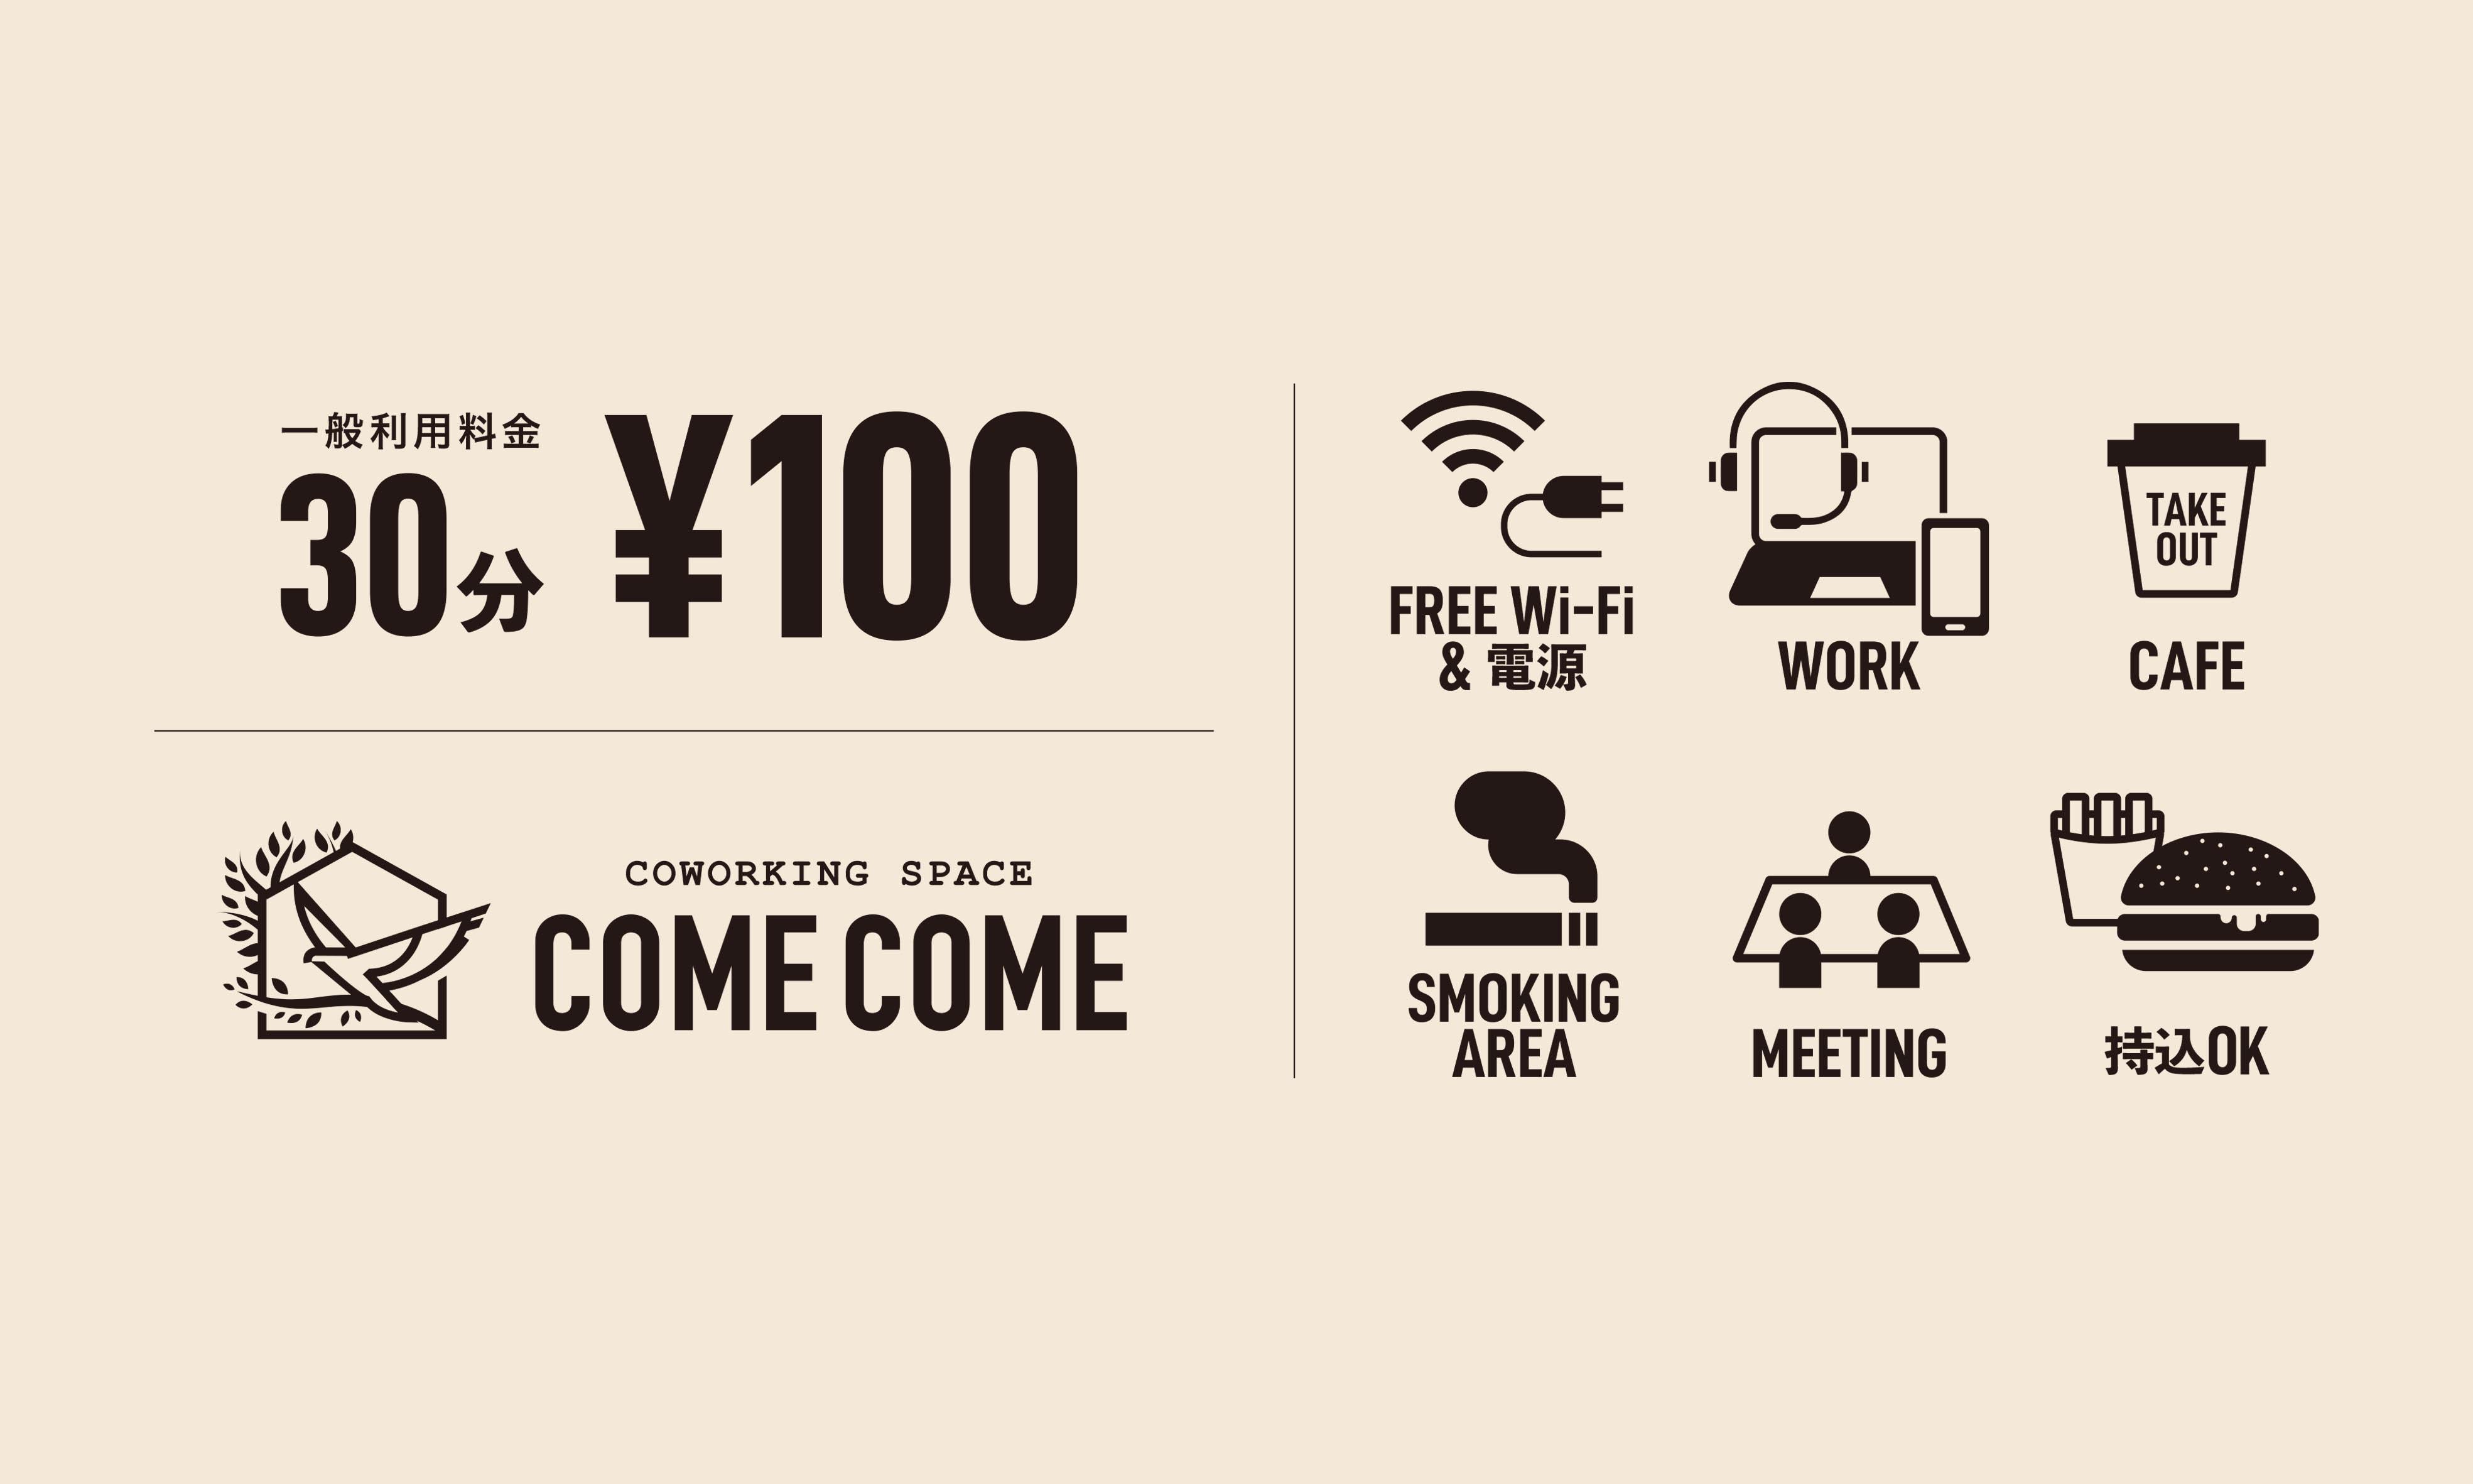 仕事やカフェ作業、喫煙スペースも。100円〜